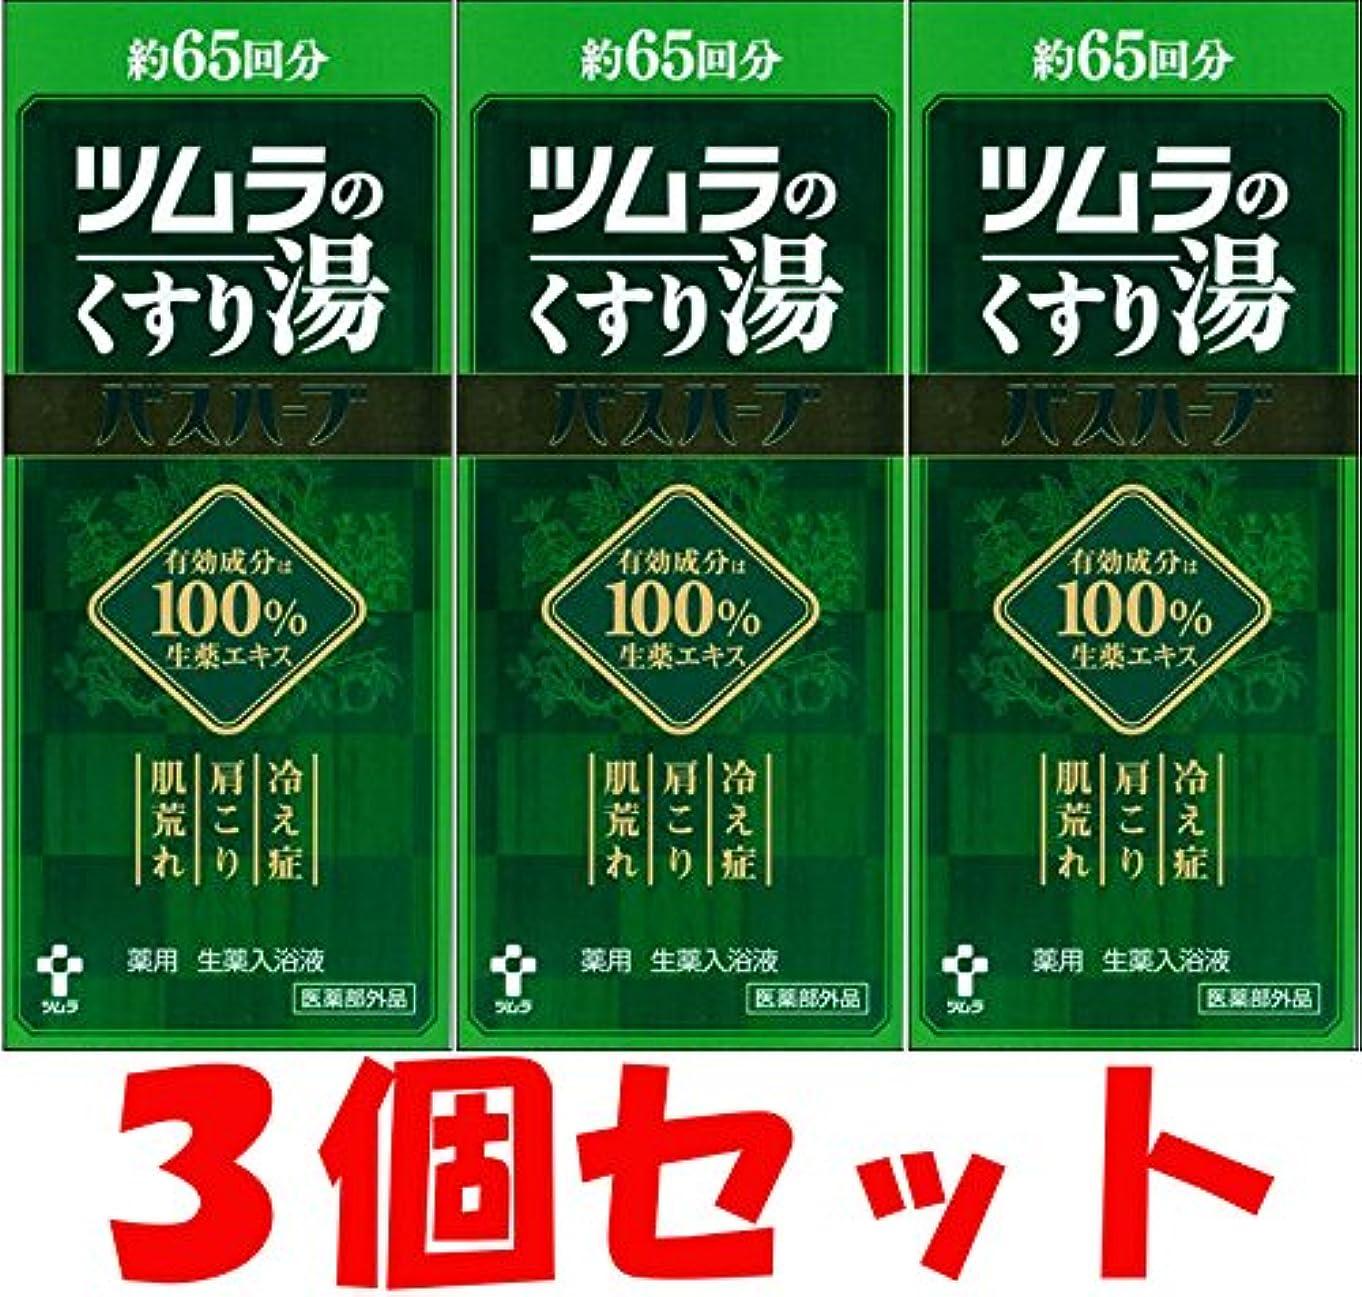 継承リーコンテンツ【3個セット】ツムラのくすり湯バスハーブ 650ml